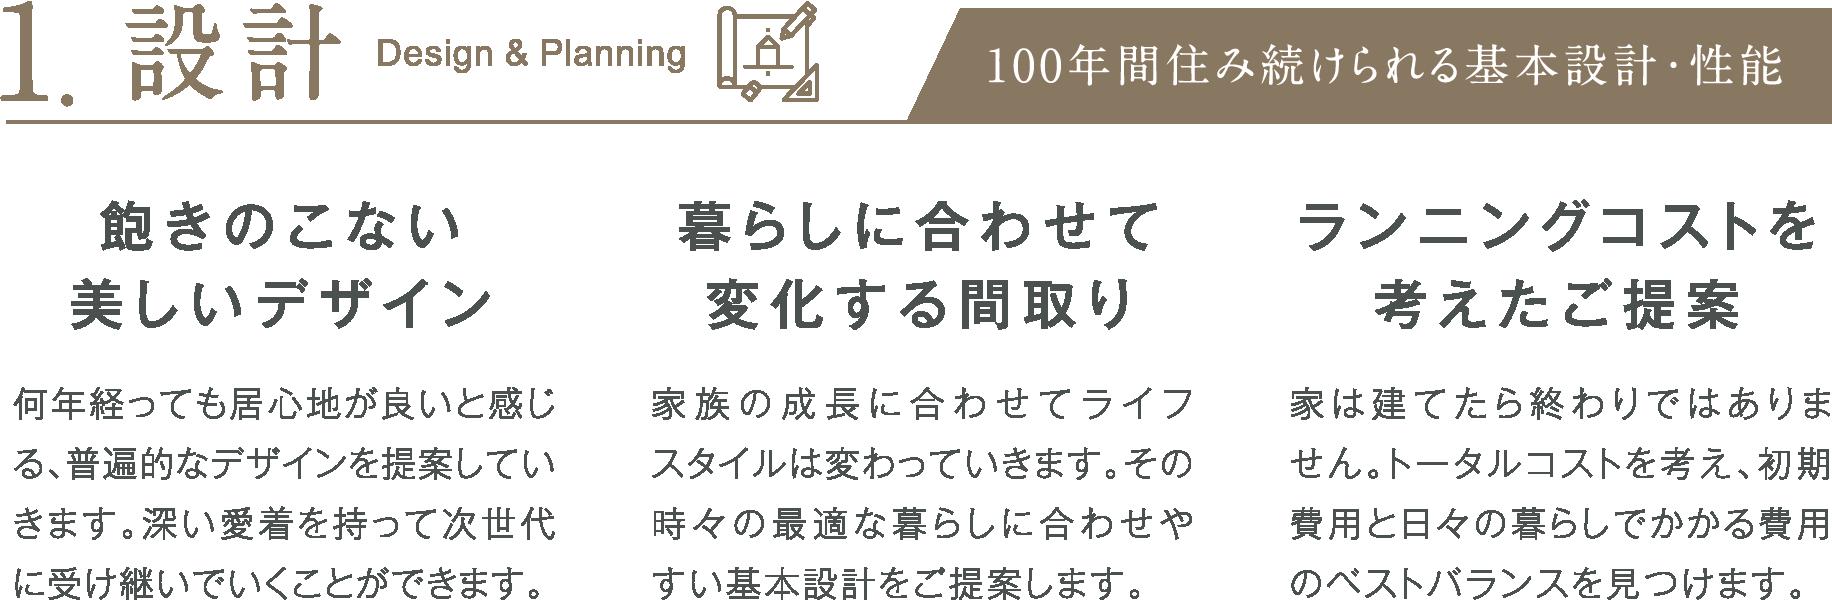 1.設計:100年住み継ぐ基本設計